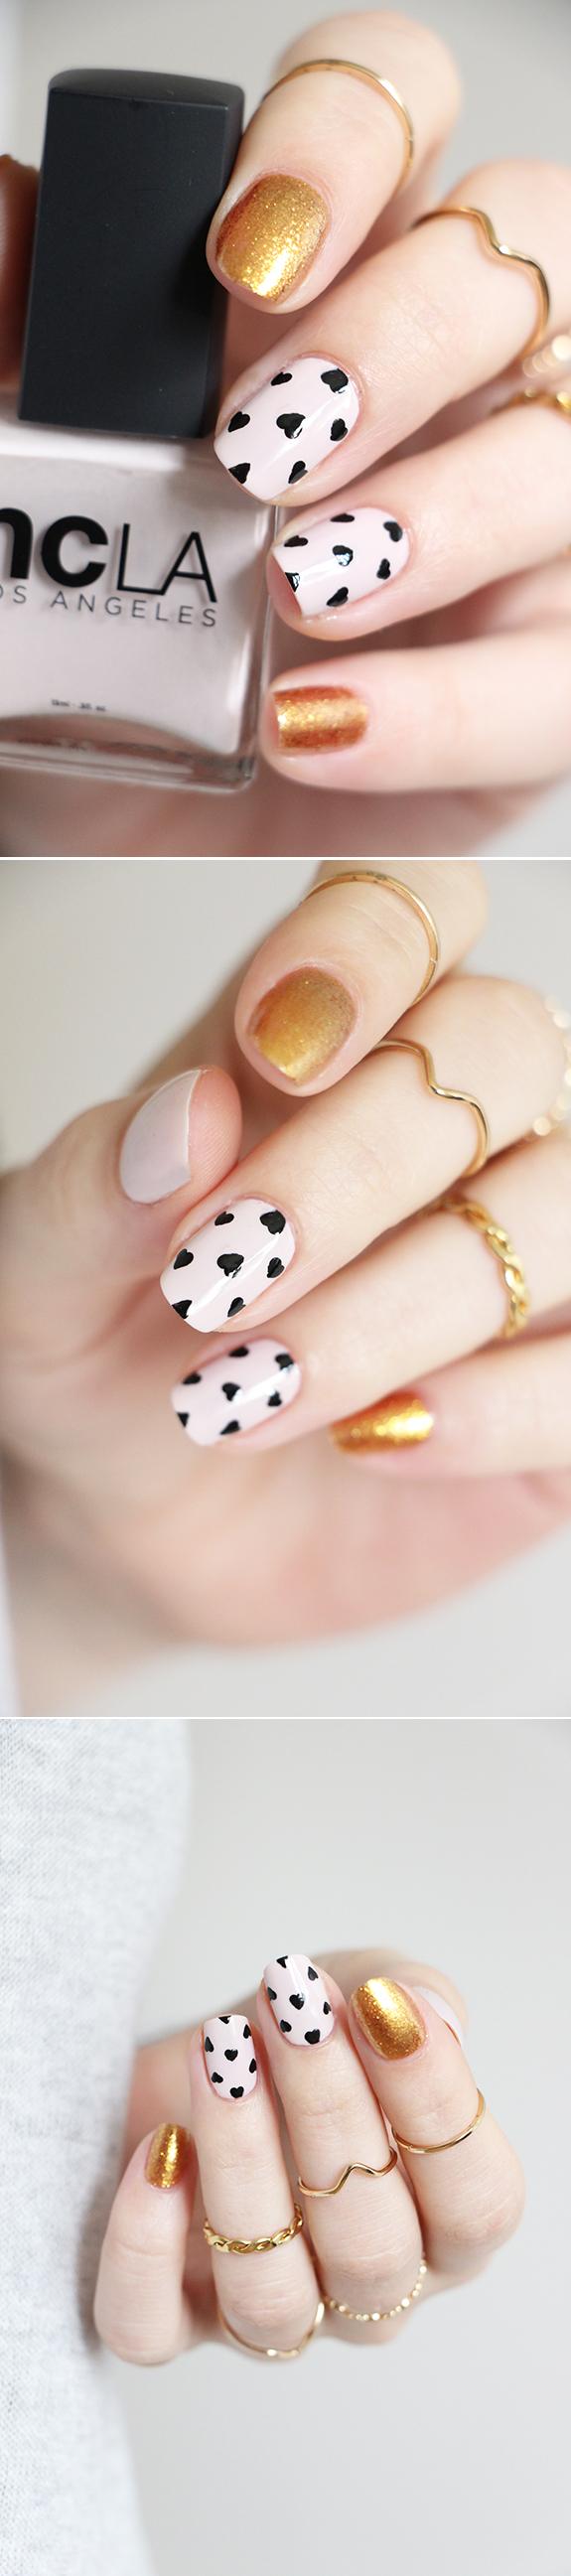 heart-nails-2